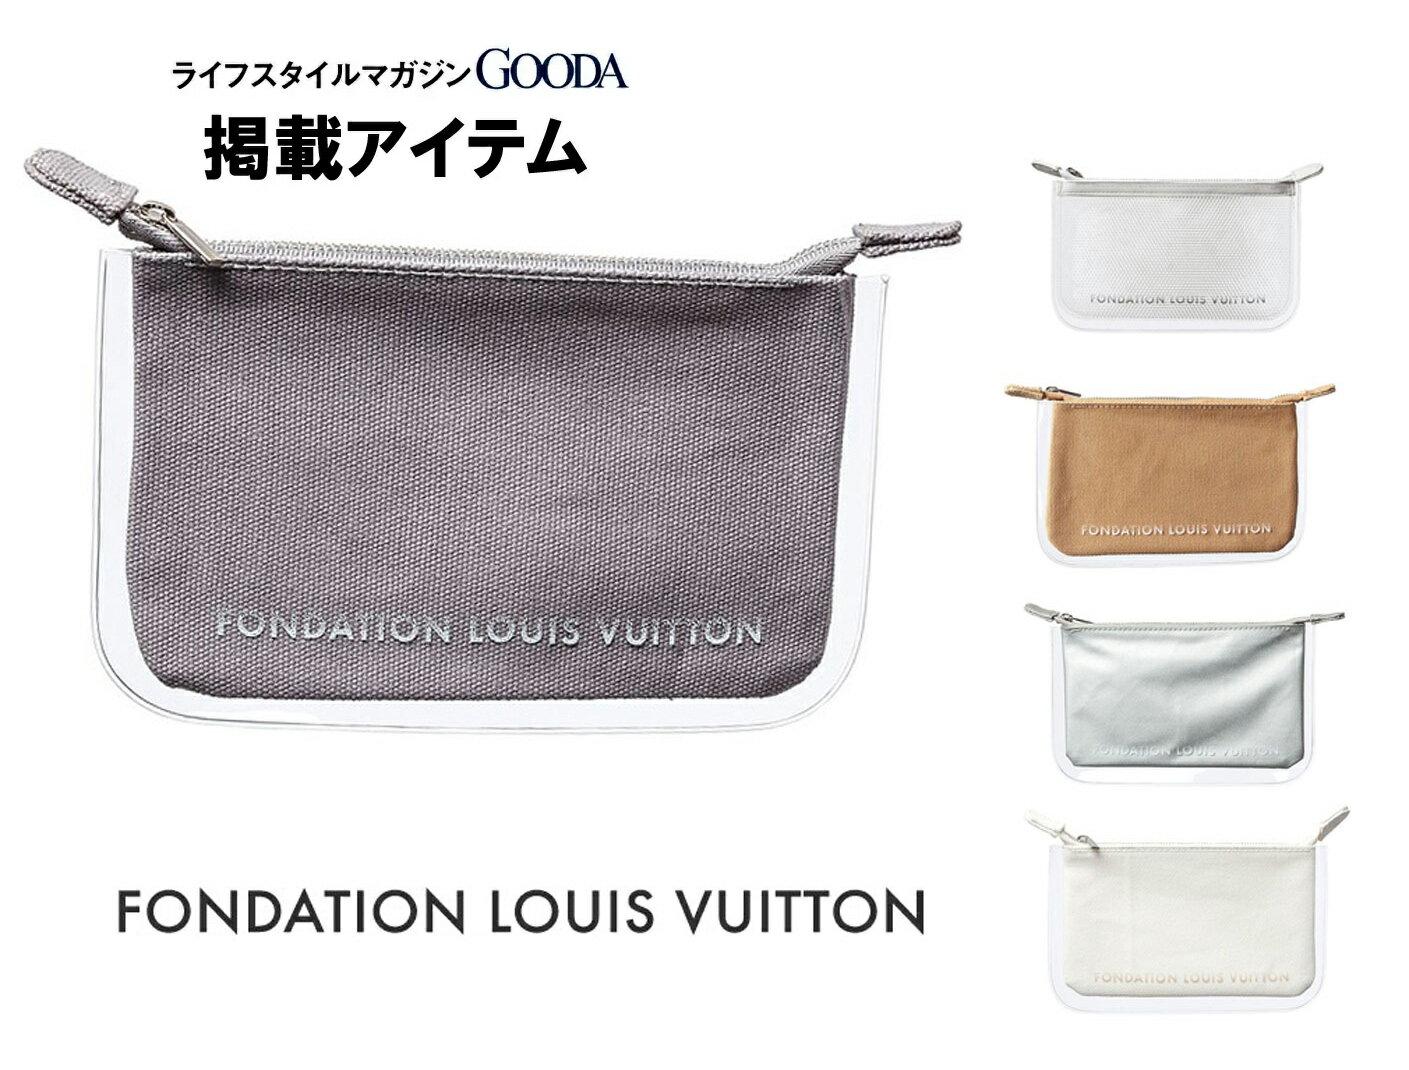 レディースバッグ, 化粧ポーチ GOODALOUIS VUITTONFONDATION LOUIS VUITTON02P28Sep16